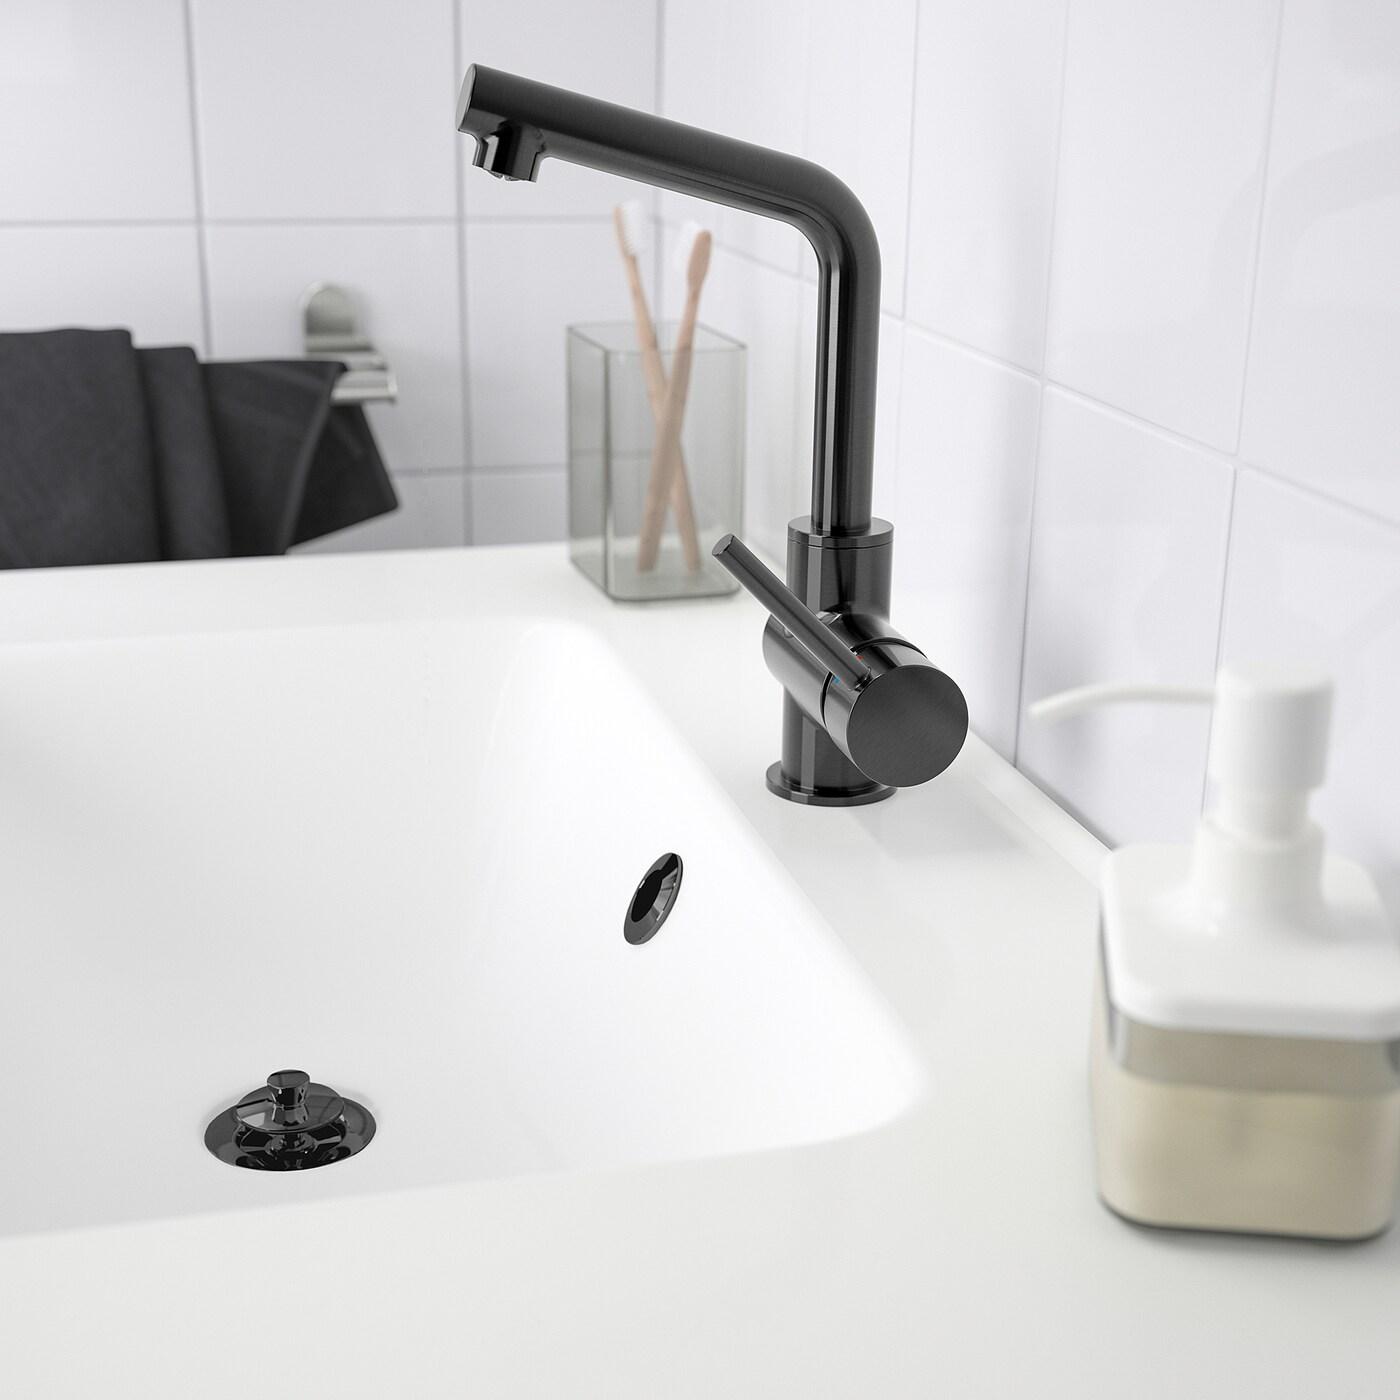 LUNDSKÄR خلاط ماء حوض غسيل مع صمام, أسود